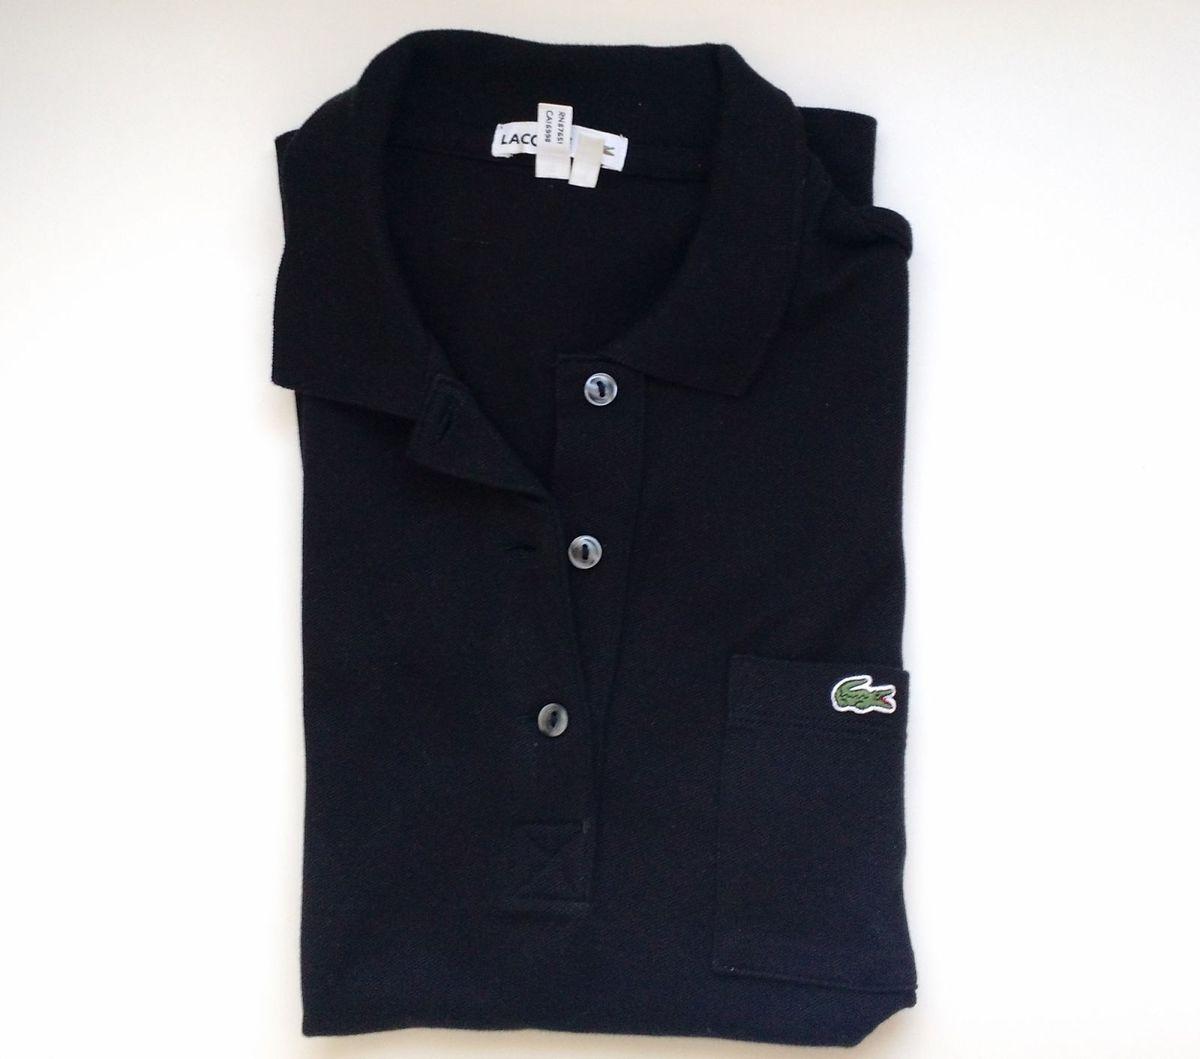 camisa polo lacoste preta - camisetas lacoste.  Czm6ly9wag90b3muzw5qb2vplmnvbs5ici9wcm9kdwn0cy80otu0njgvmtqzmwjkntnlmzhmmdlhmdhknjzjmdu4mtyzymu2odeuanbn  ... e33d4078d3